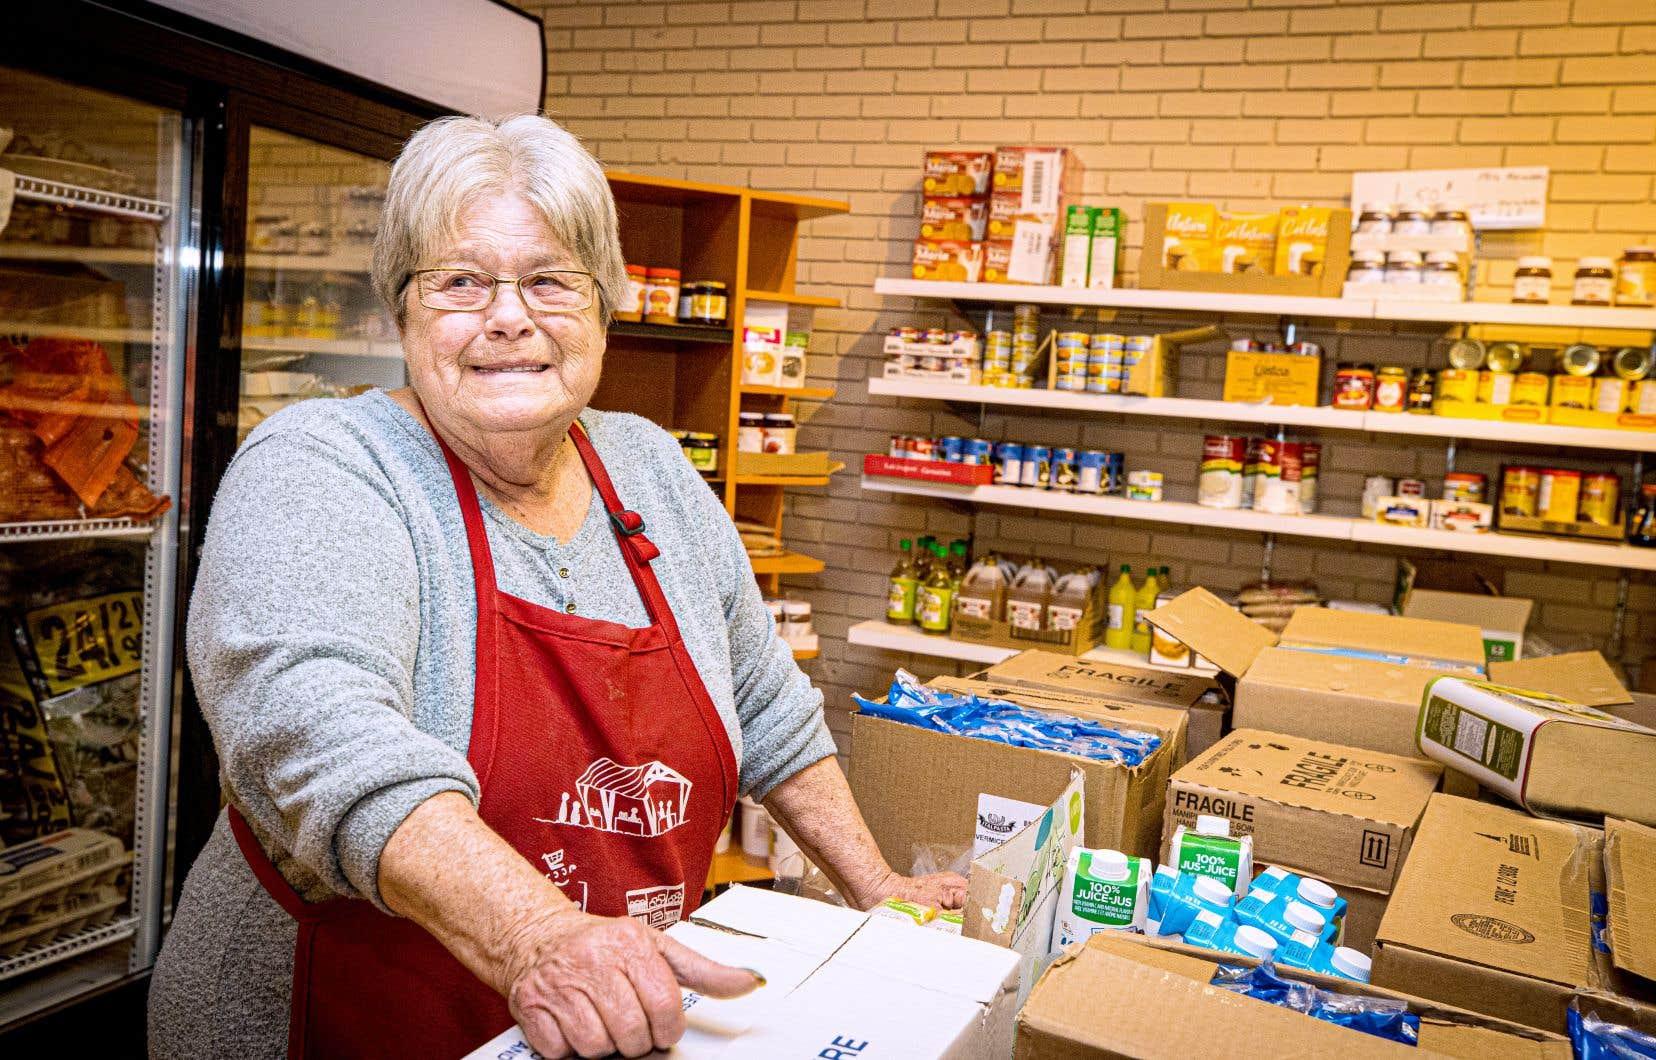 La coopérative de solidarité Panier futé a été lancée en 2016 afin d'offrir des produits alimentaires frais et abordables.